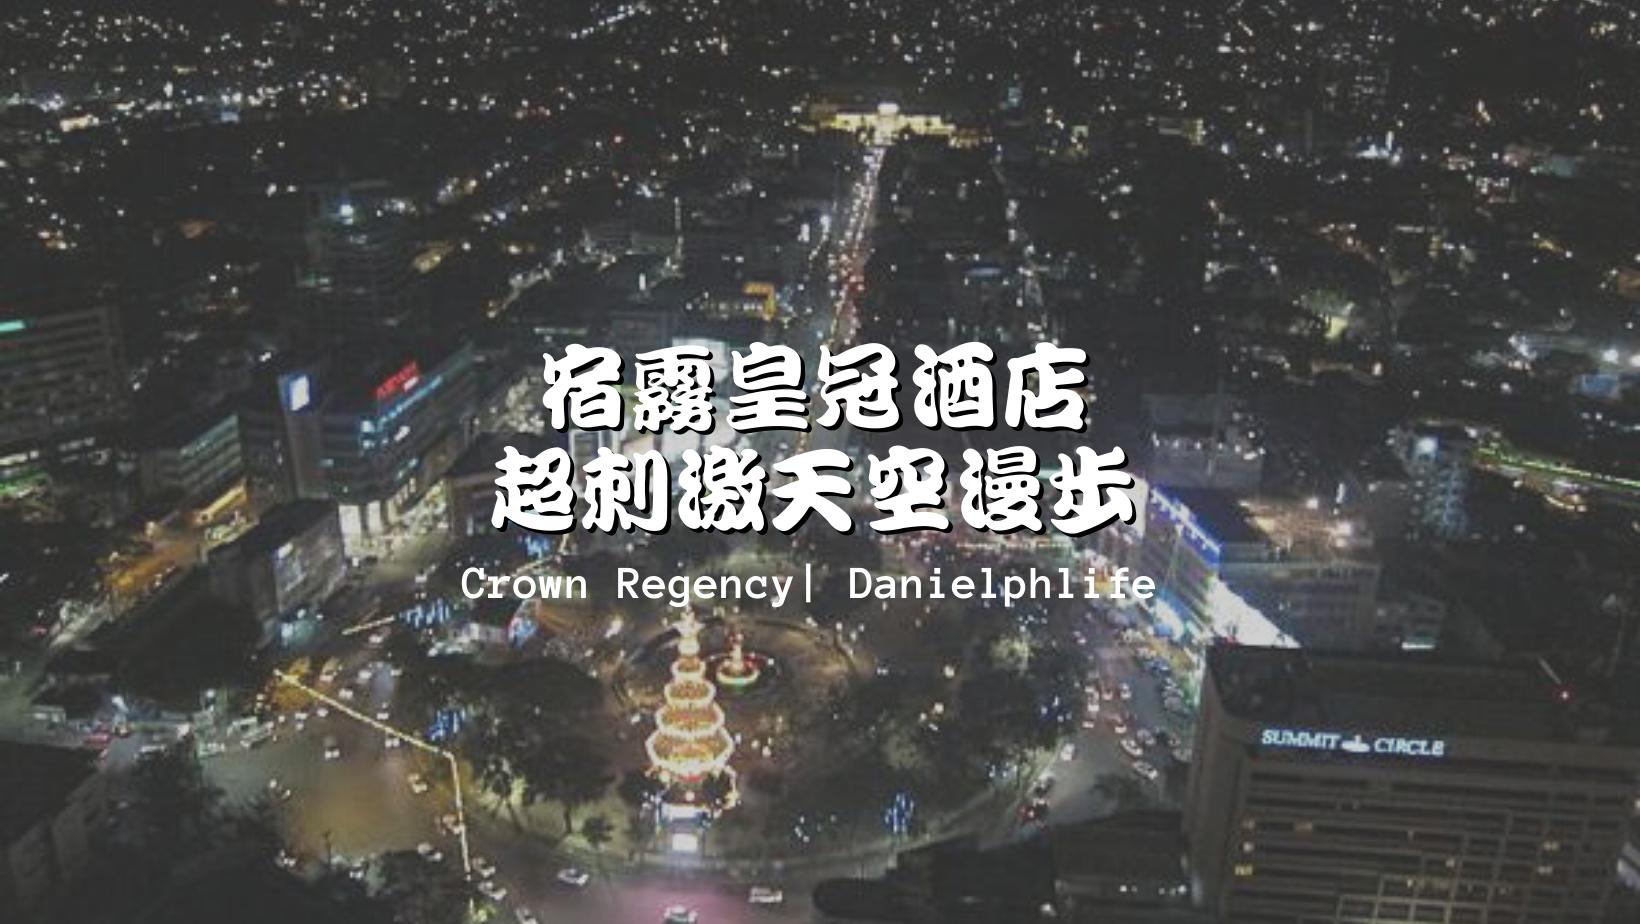 Crown Regency